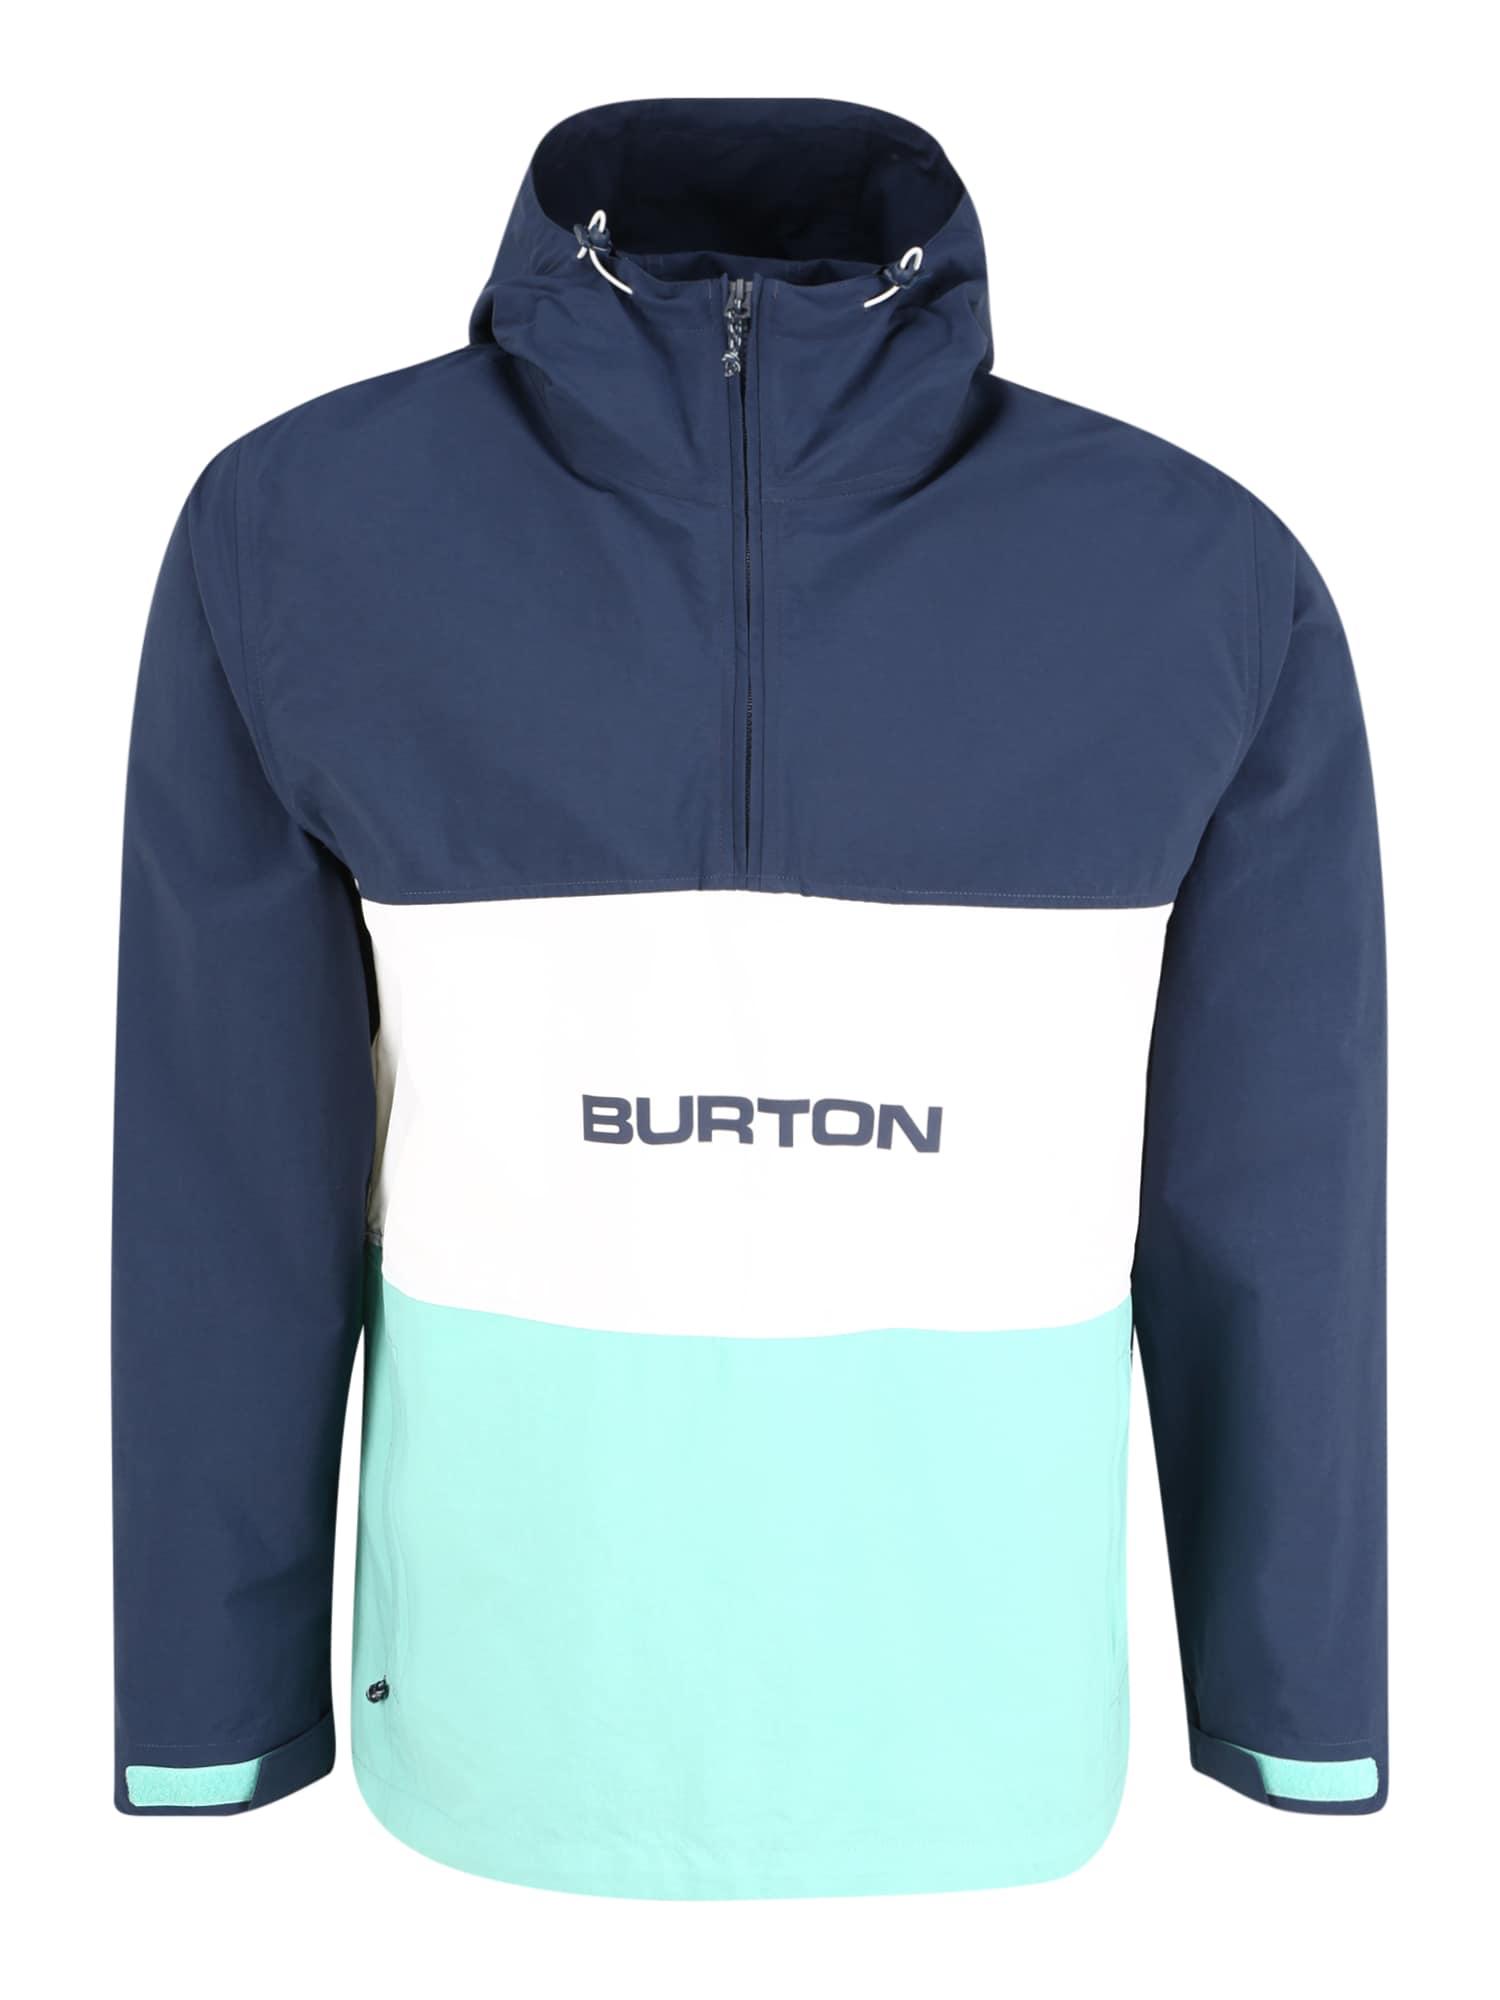 BURTON Sportinė striukė tamsiai mėlyna / balta / turkio spalva